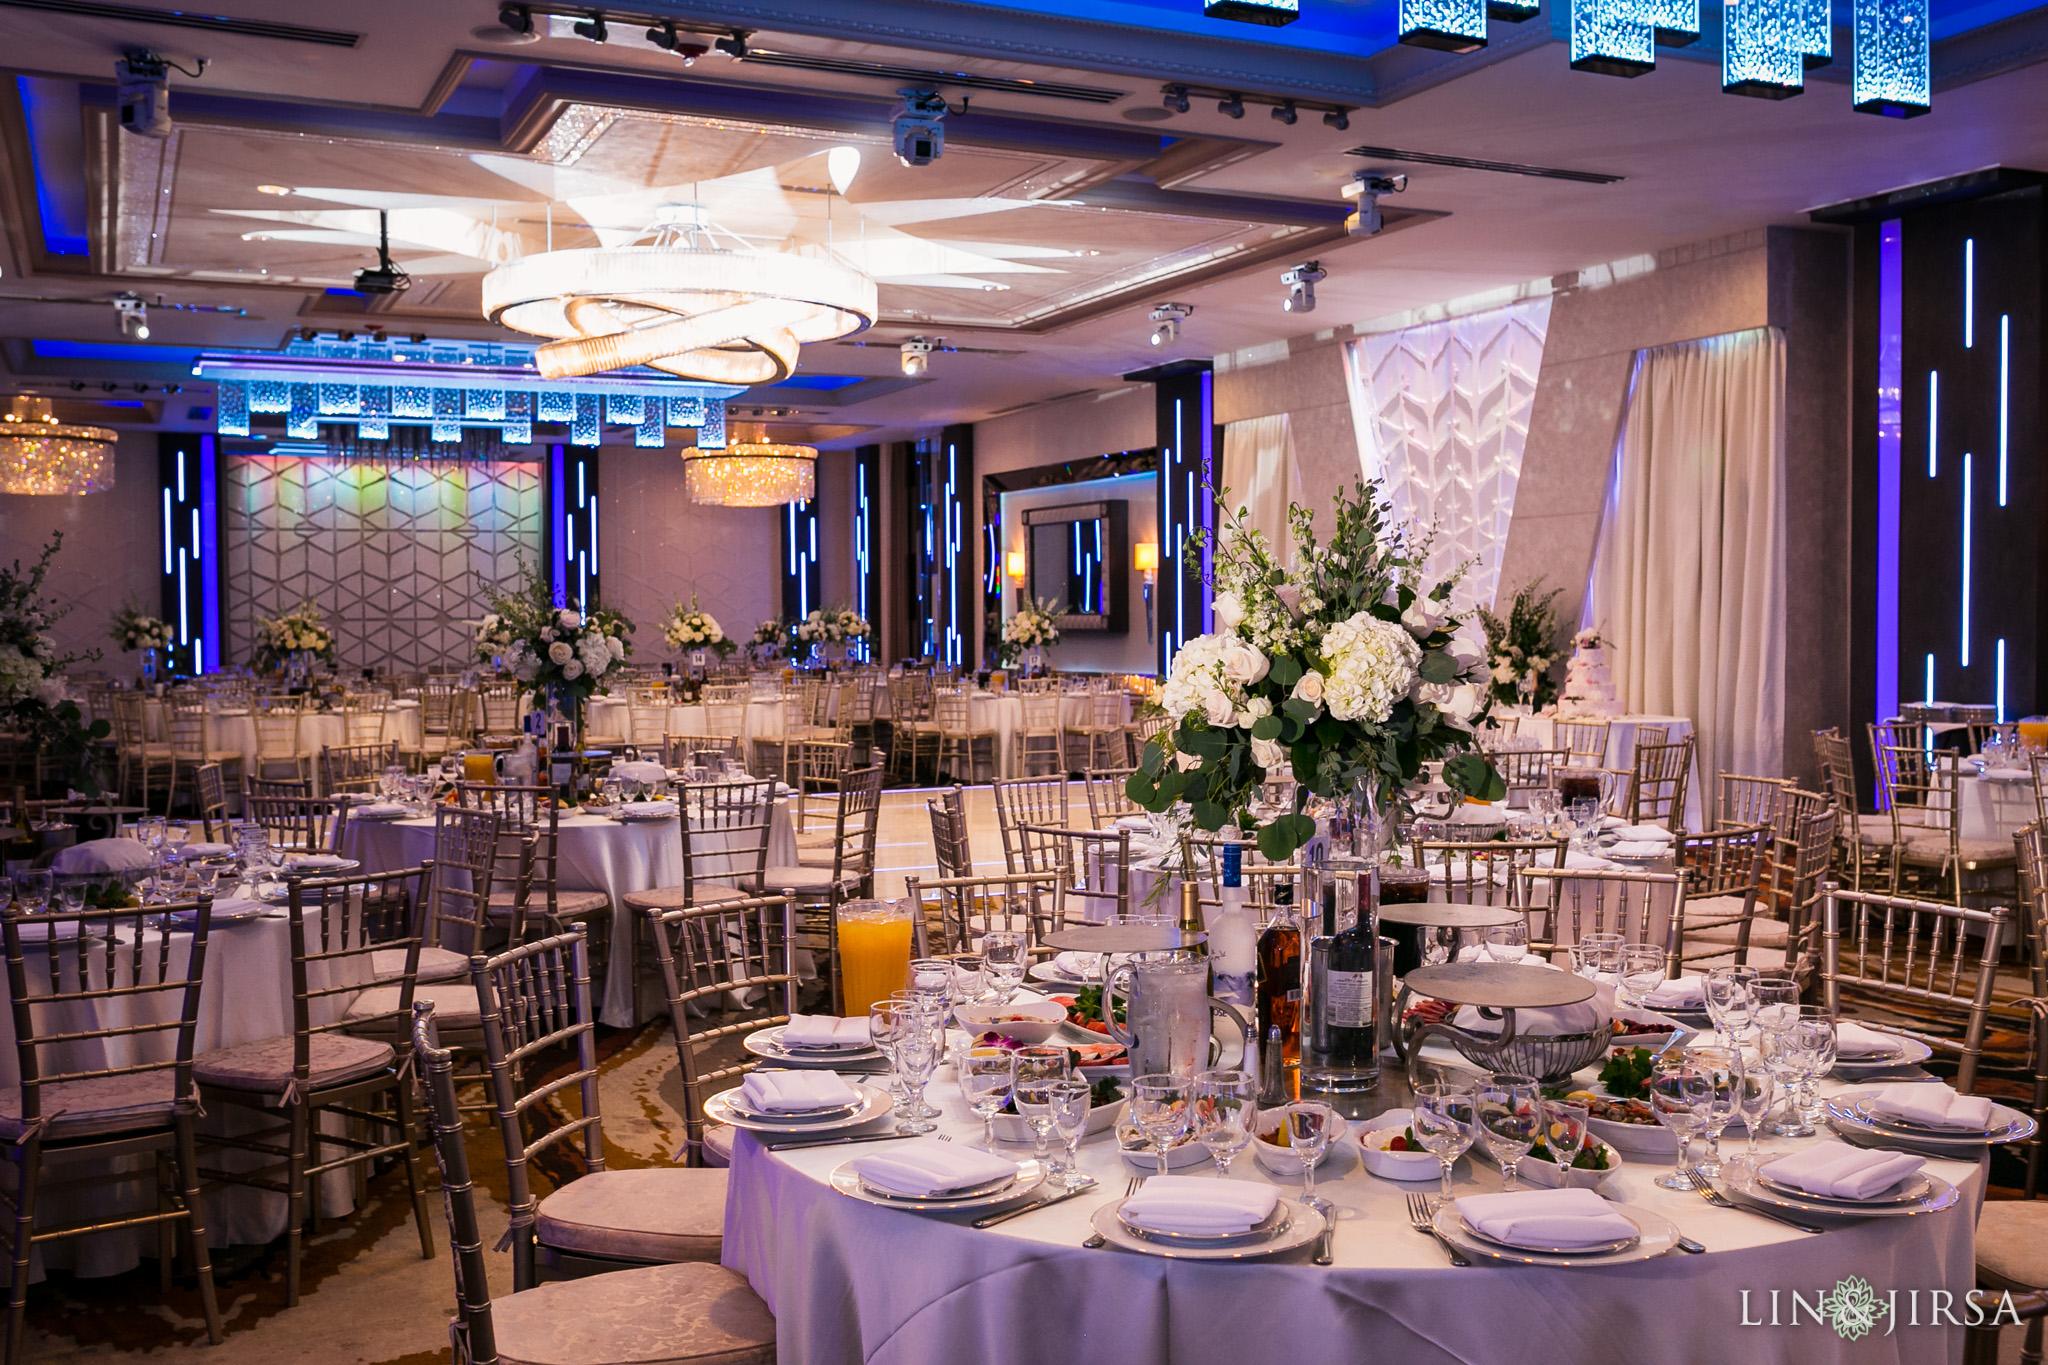 De Lux Banquet Hall Los Angeles Wedding Caroline Amp Serj